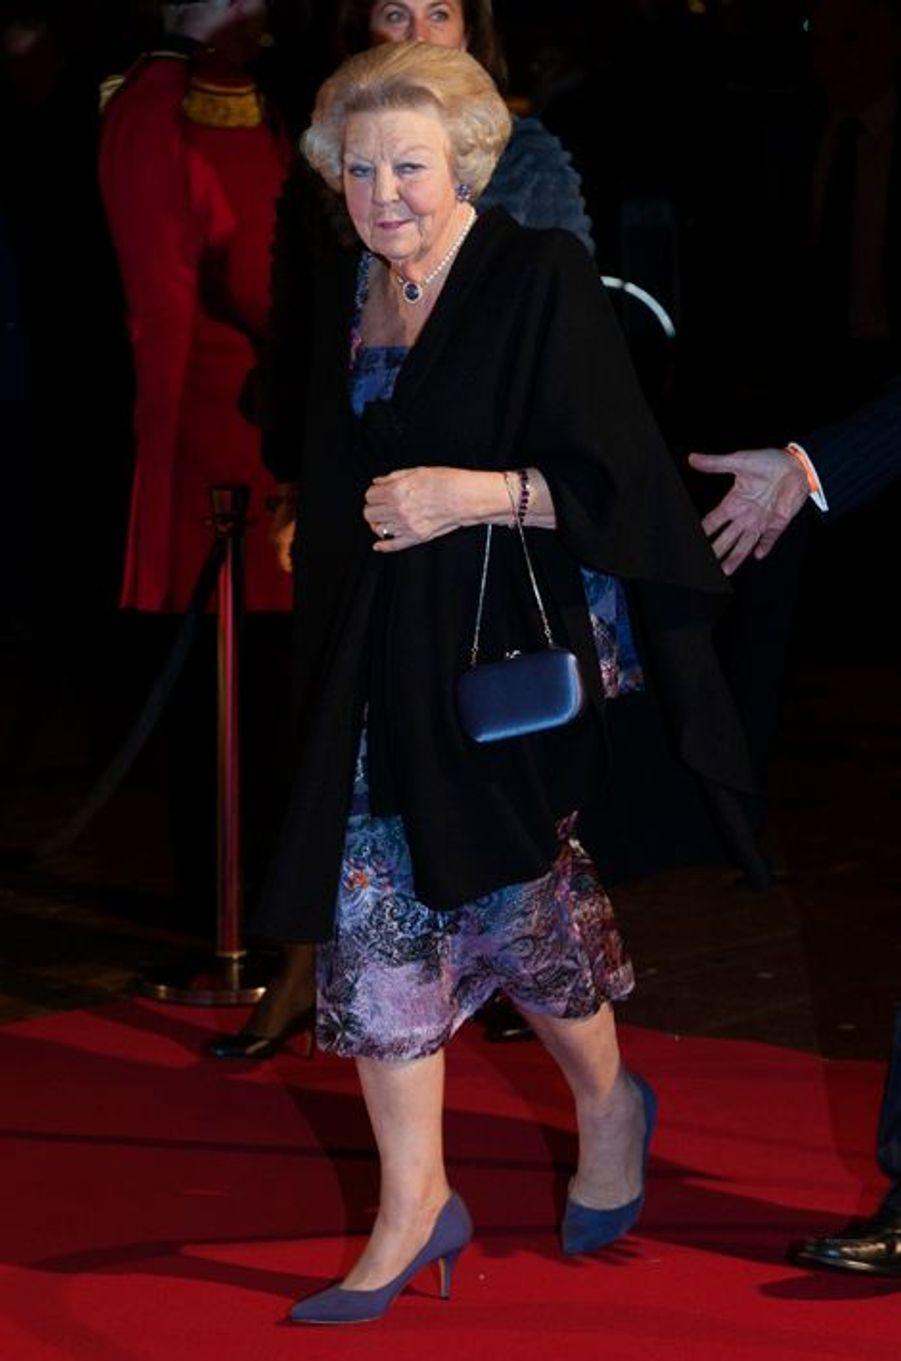 La princesse Beatrix des Pays-Bas au théâtre Beatrix d'Utrecht, le 8 décembre 2014